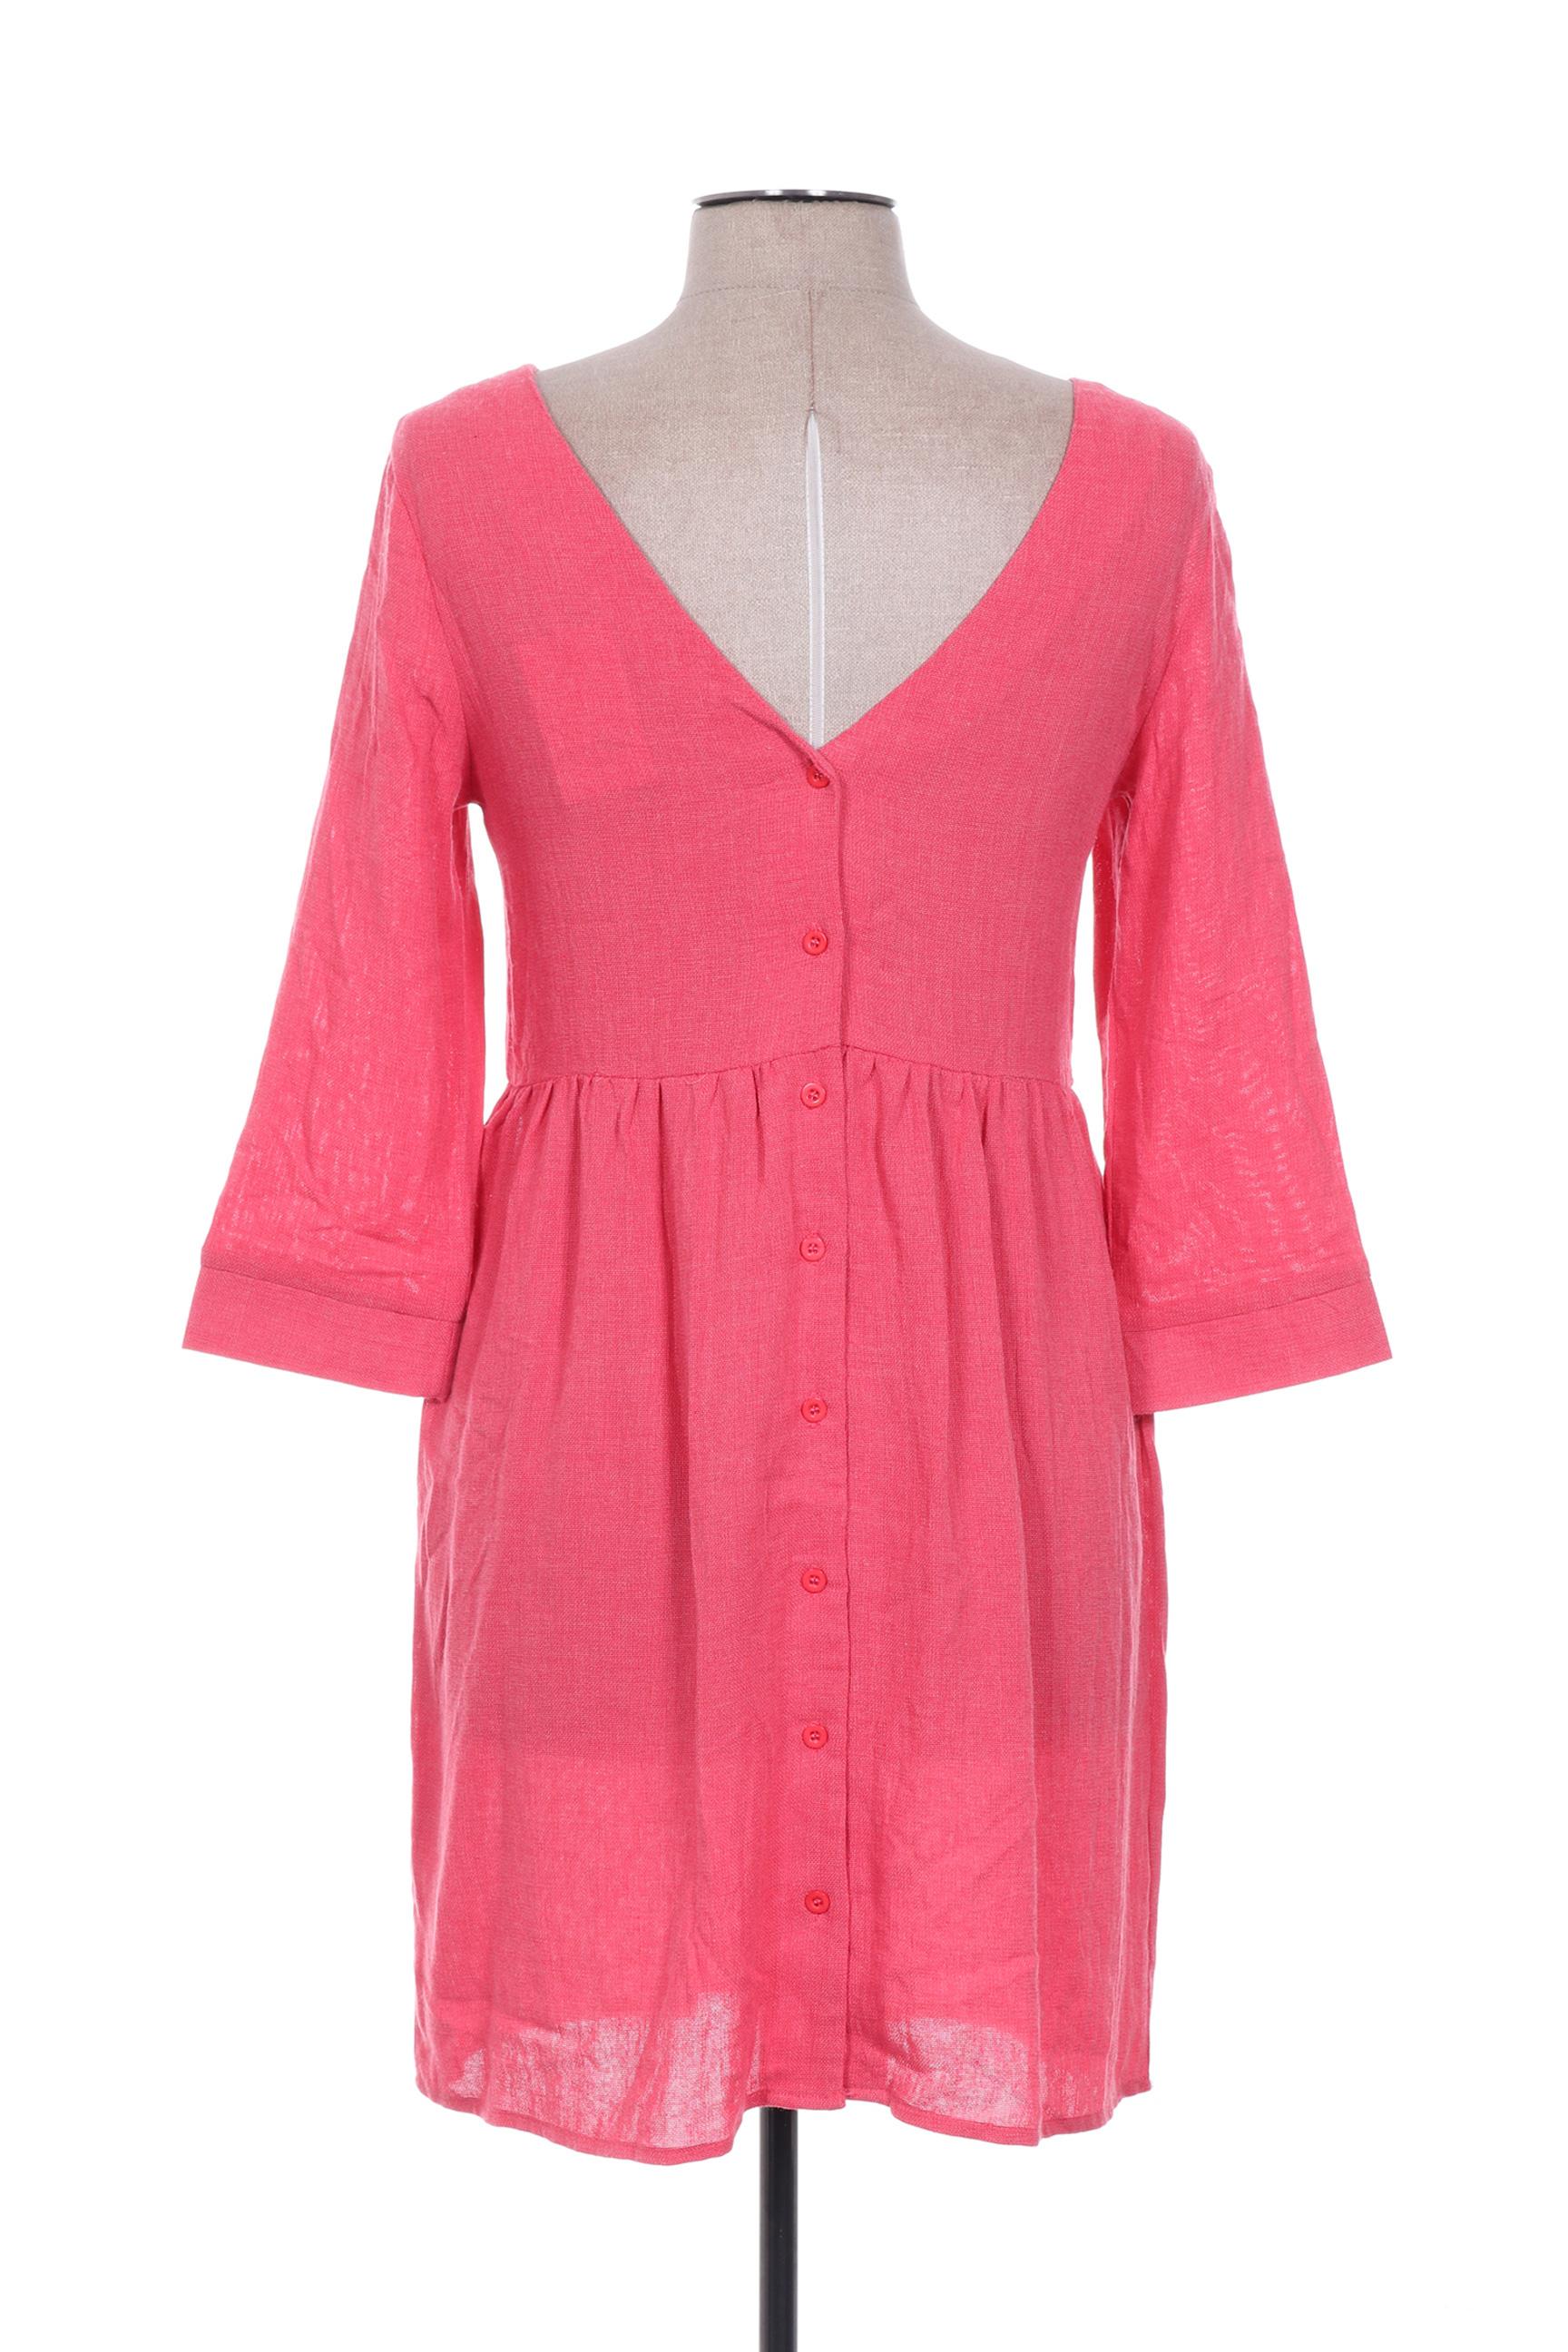 Cerise Blue Robes Courtes Femme De Couleur Rouge En Soldes Pas Cher 1361326-rouge0